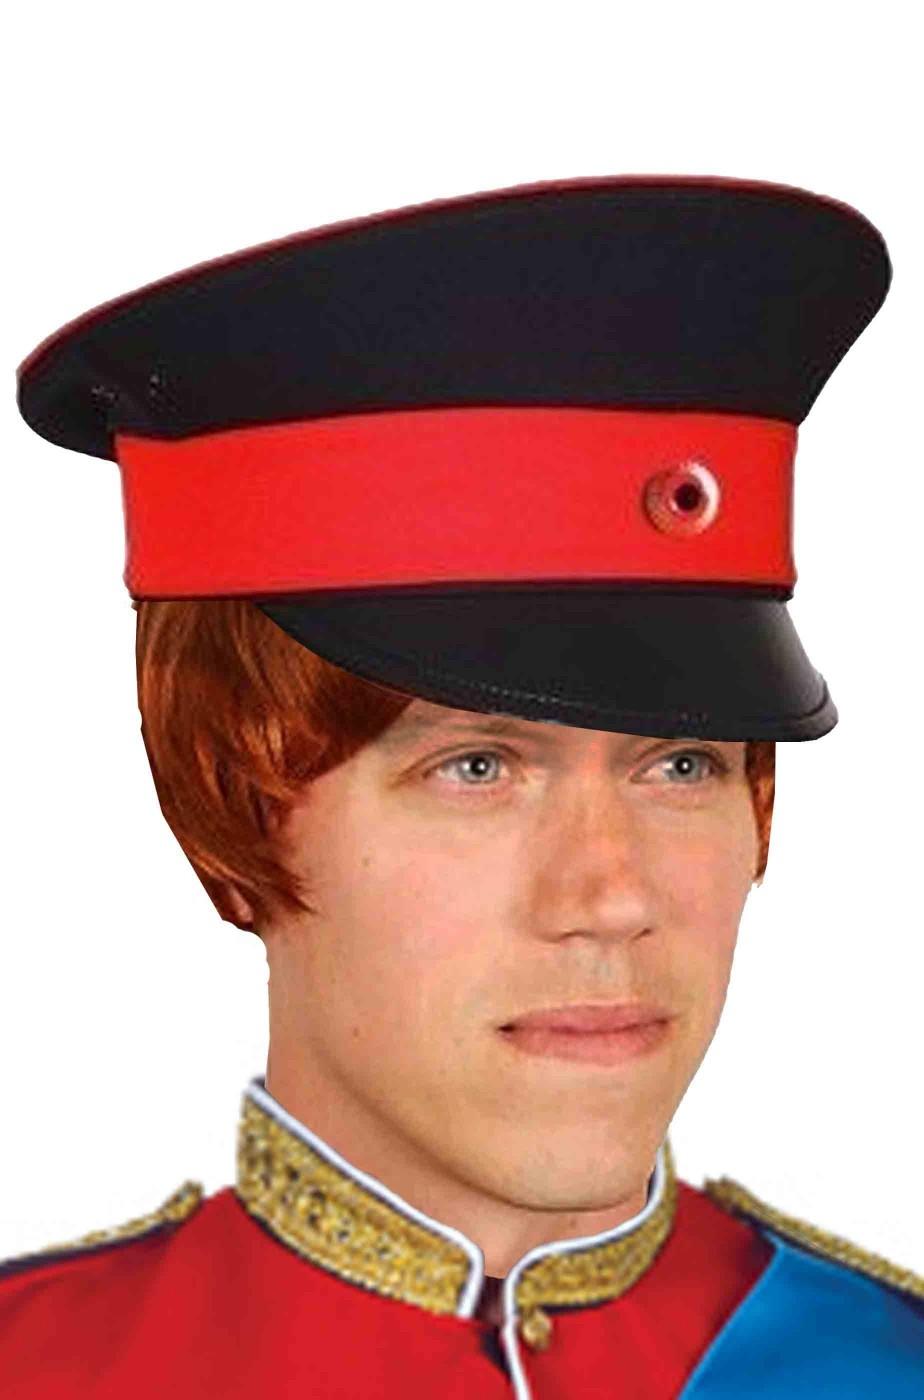 Cappello uniforme russa adulto taglia unica circa 58